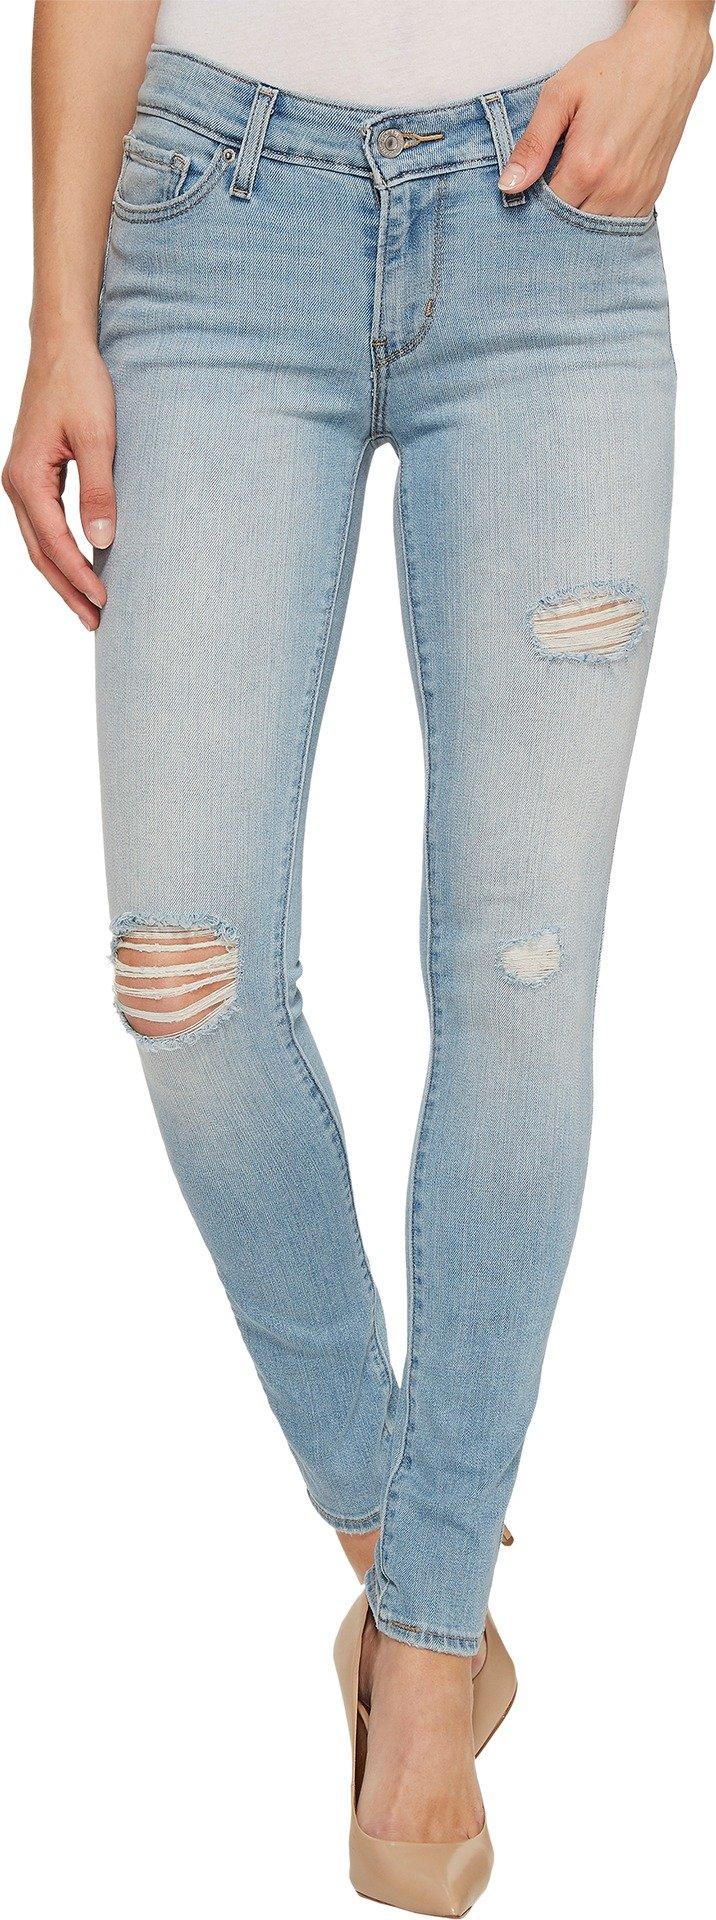 Levi's Women's 711 Skinny Jean, Indigo Rebel, 29 (US 8) R